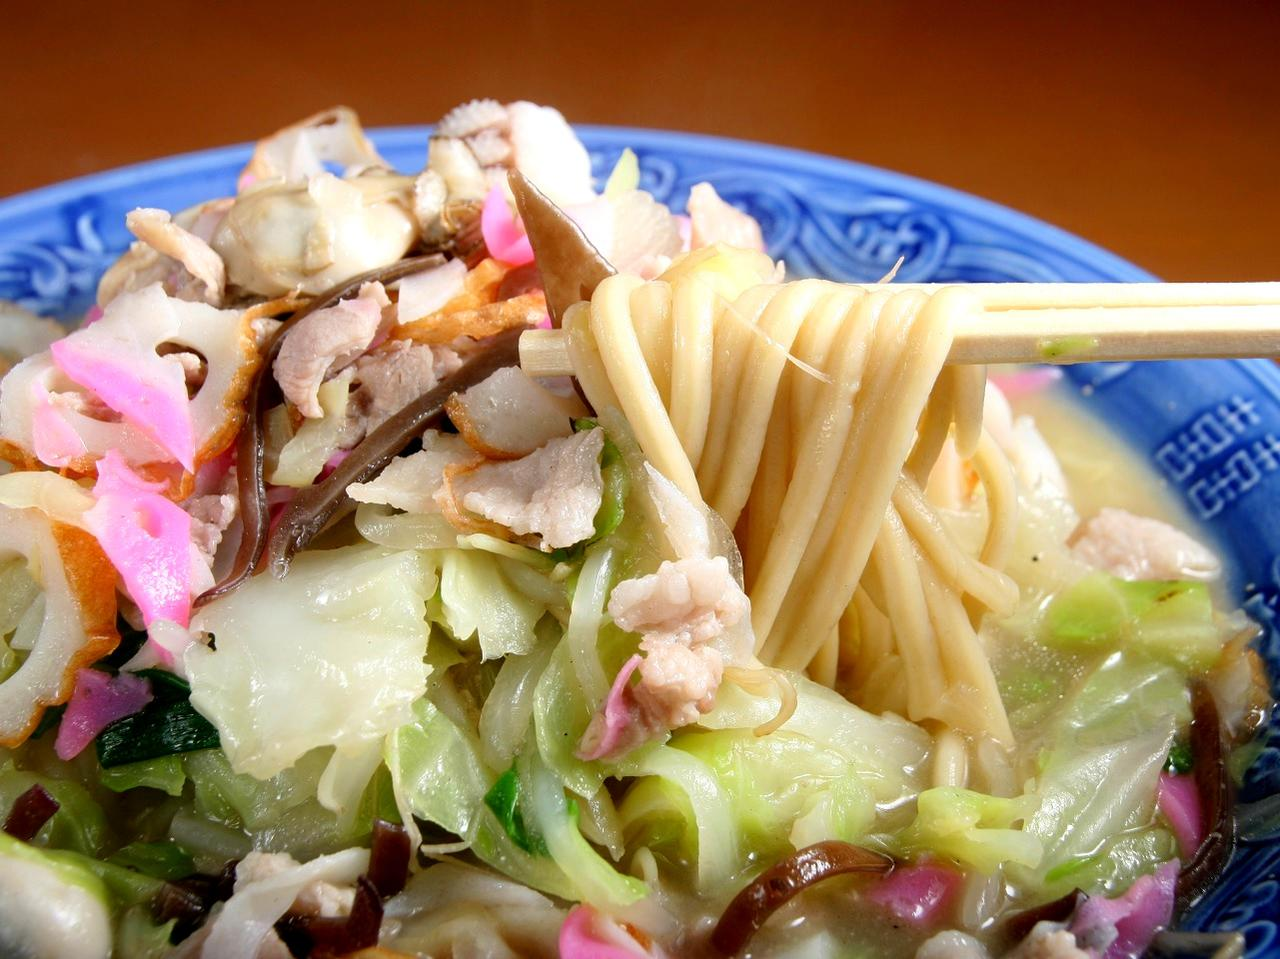 画像: 明治創業で唐灰汁からの一貫製造で、小麦も特注を用いる瑞泰號製麺所の麺